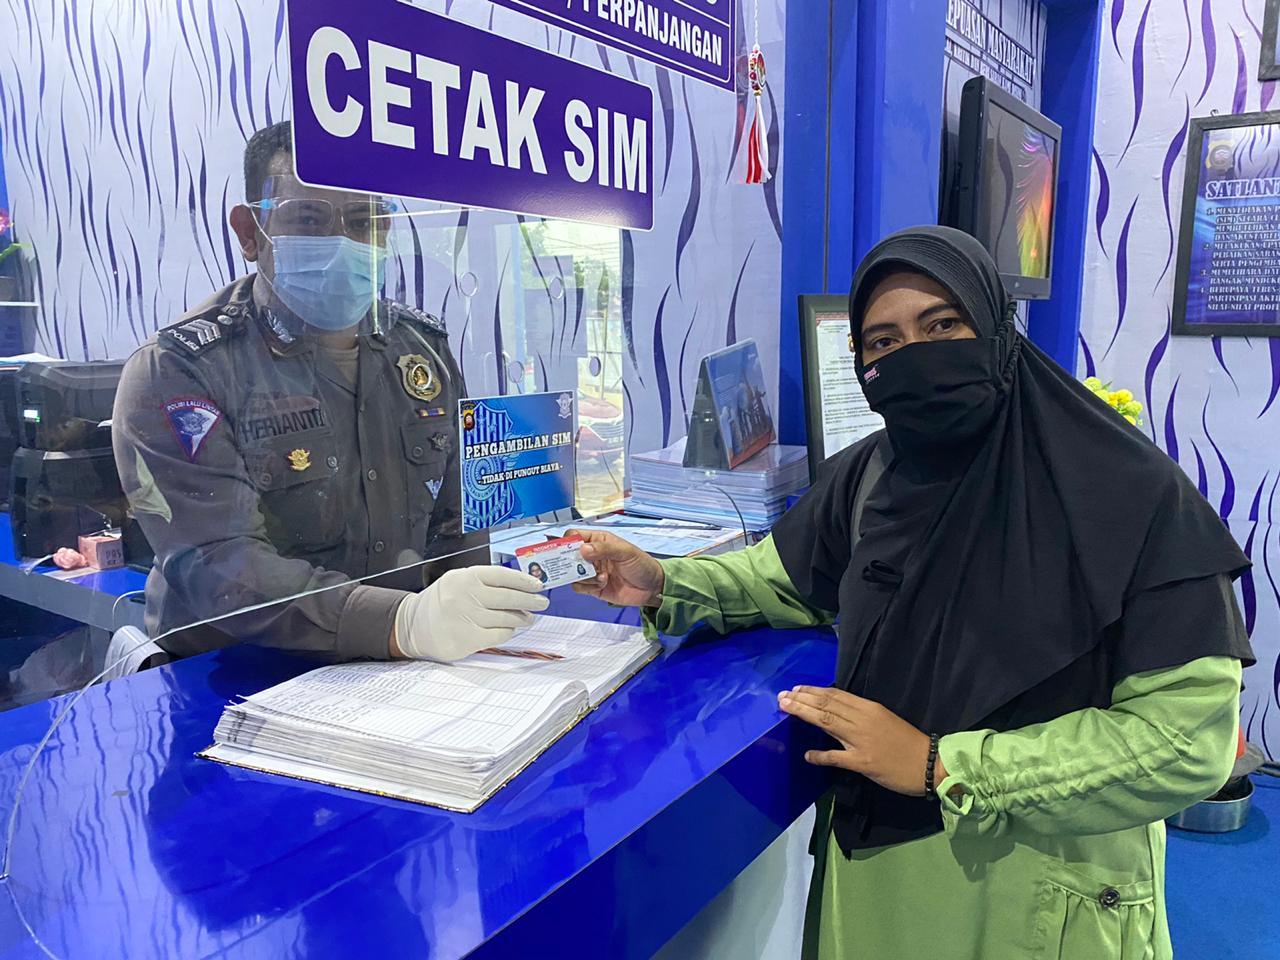 WOMEN CARE DAY SETIAP HARI JUMAT DI PELAYANAN SATPAS SIM POLRES KETAPANG